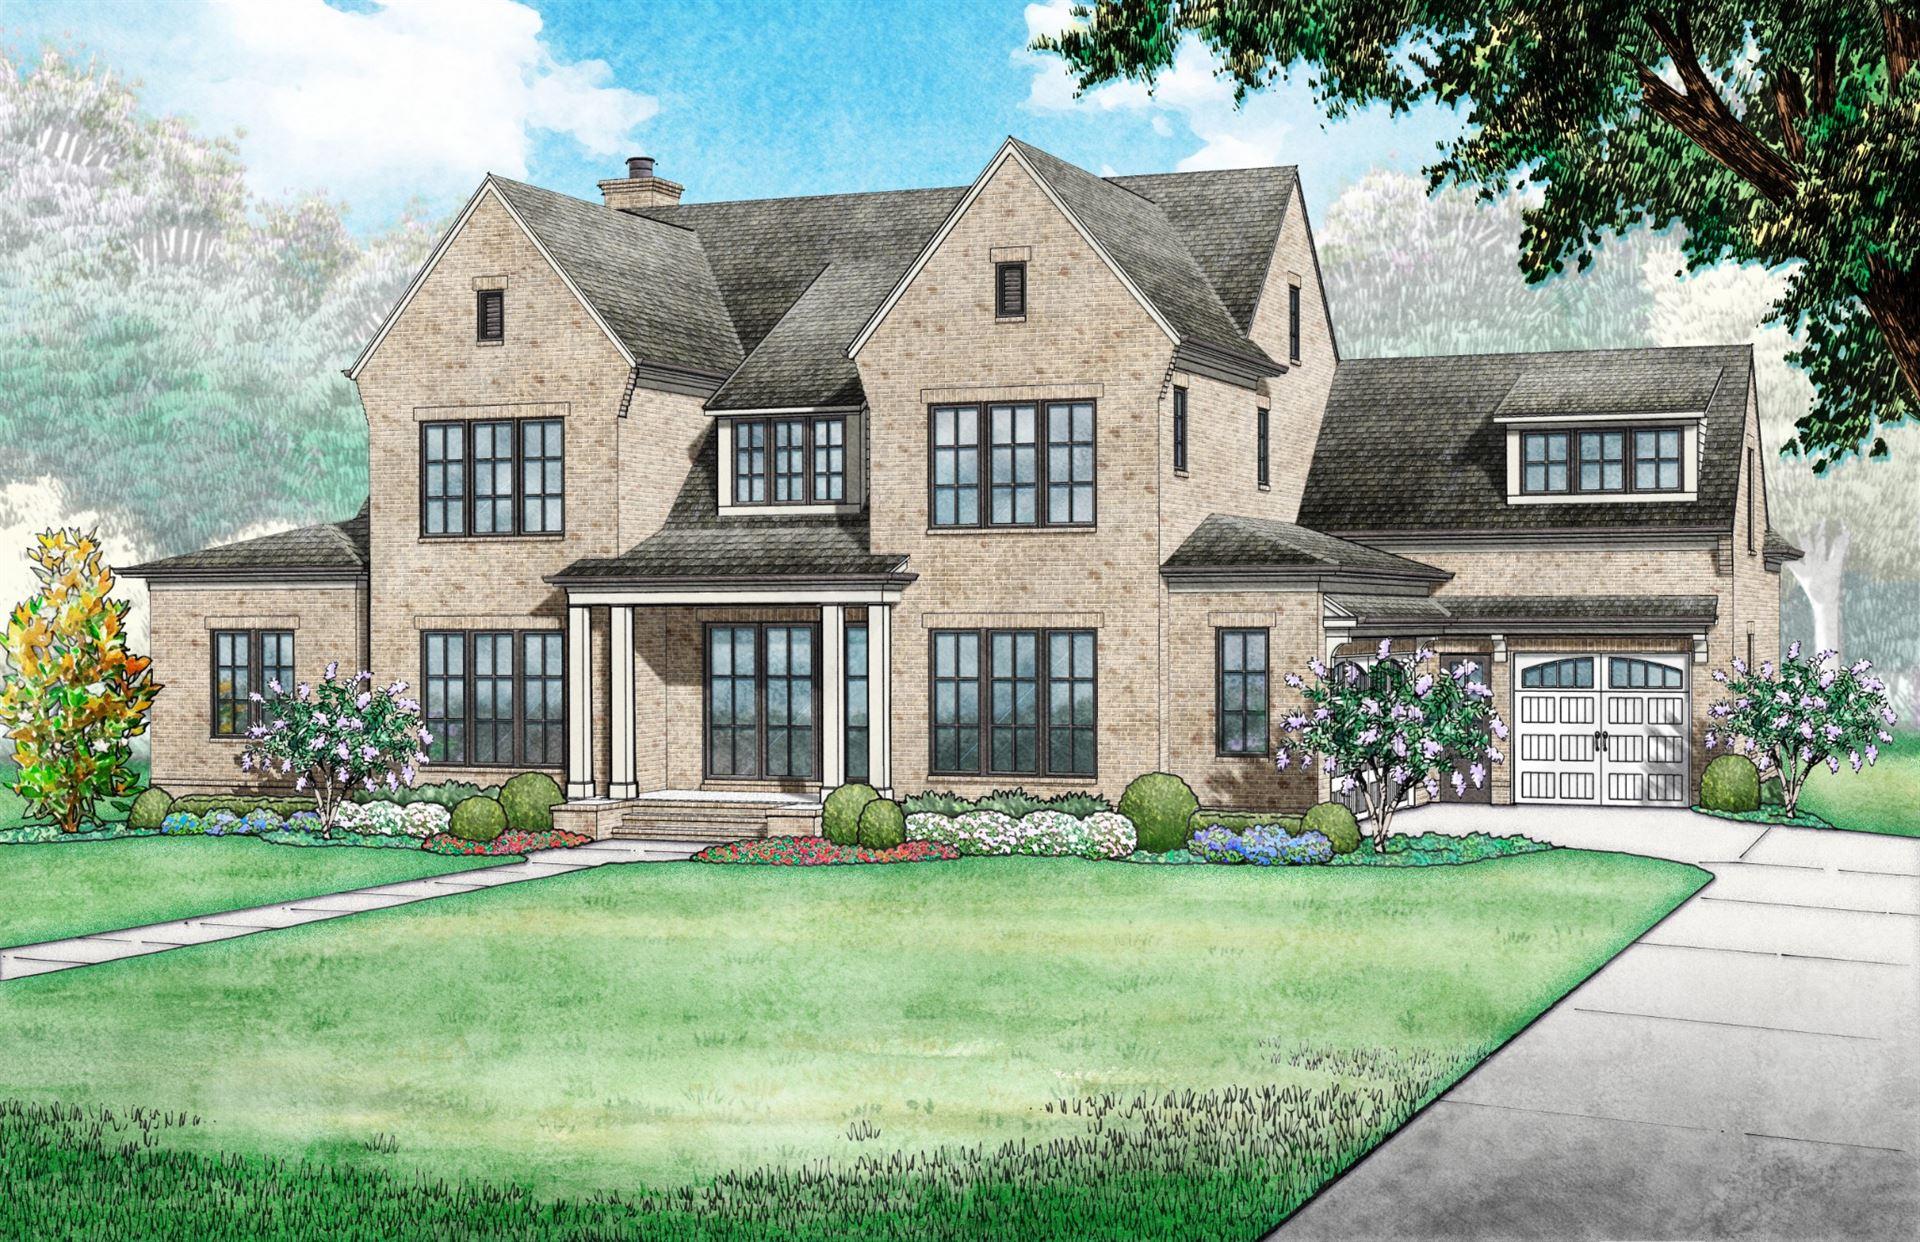 9209 Joiner Creek Rd (13041), College Grove, TN 37046 - MLS#: 2150322